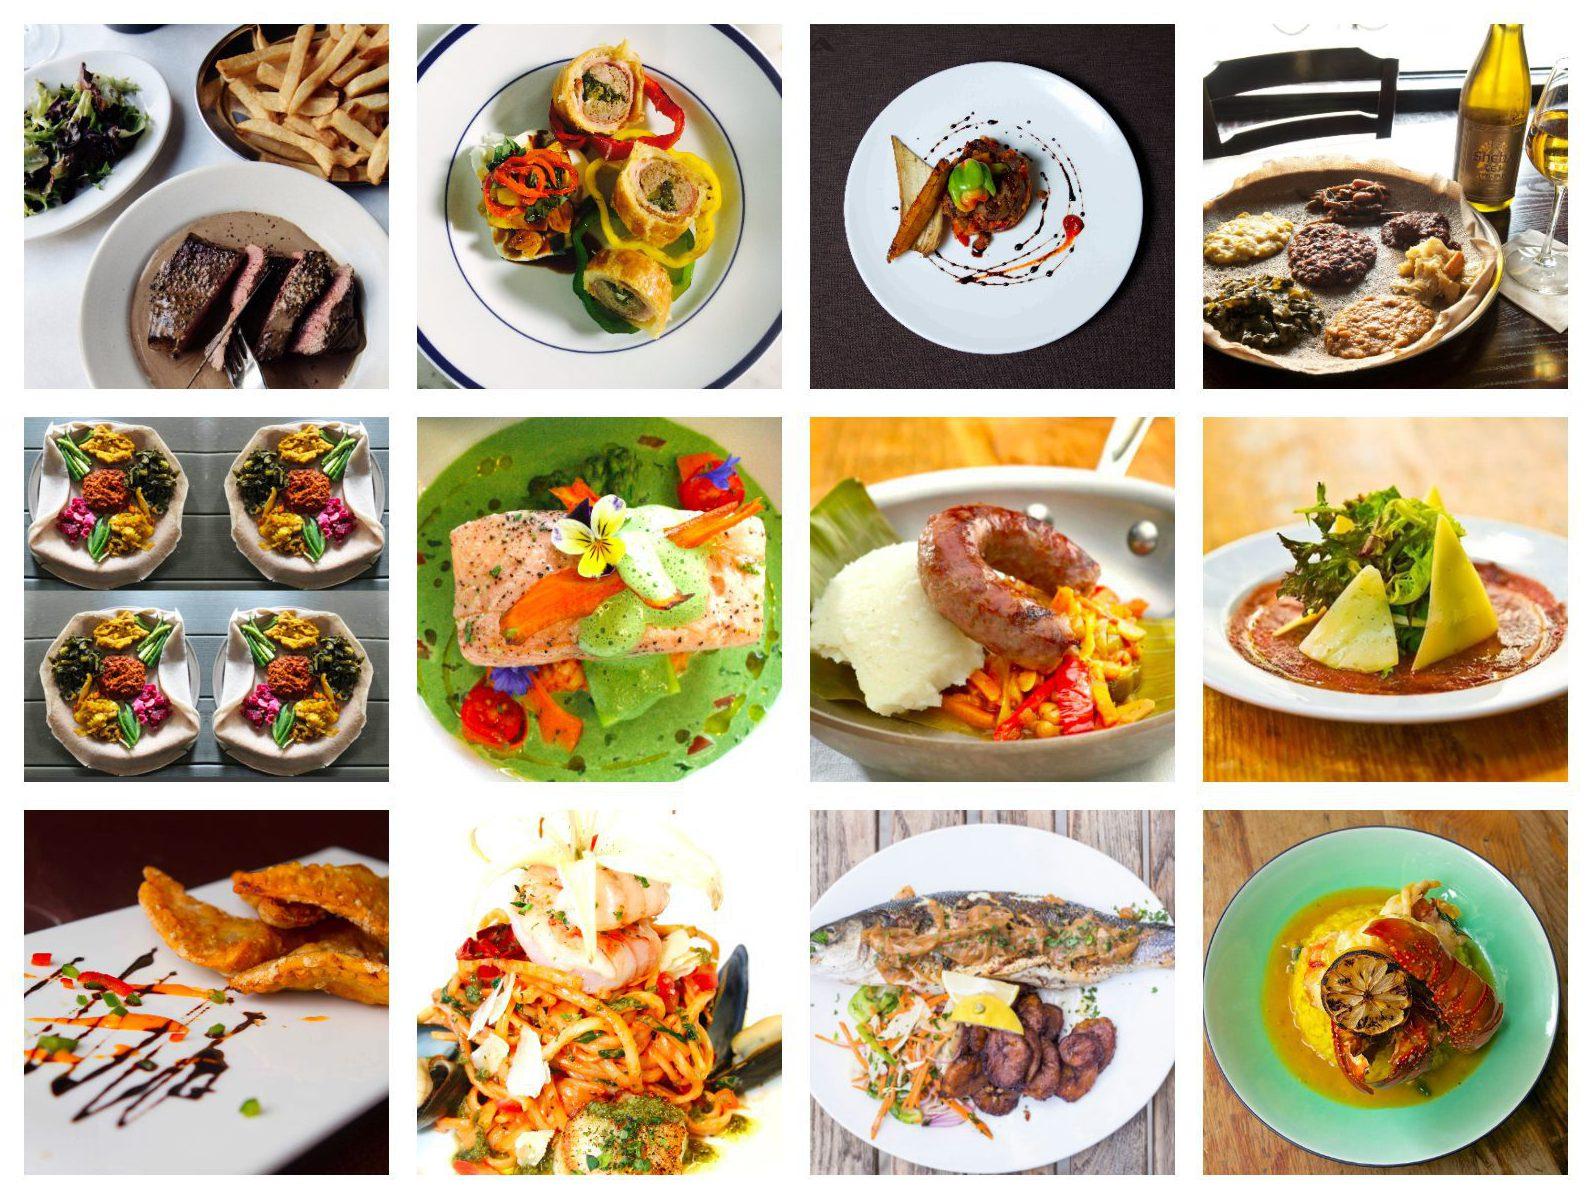 Top Ten Fast Food Restaurants 2017